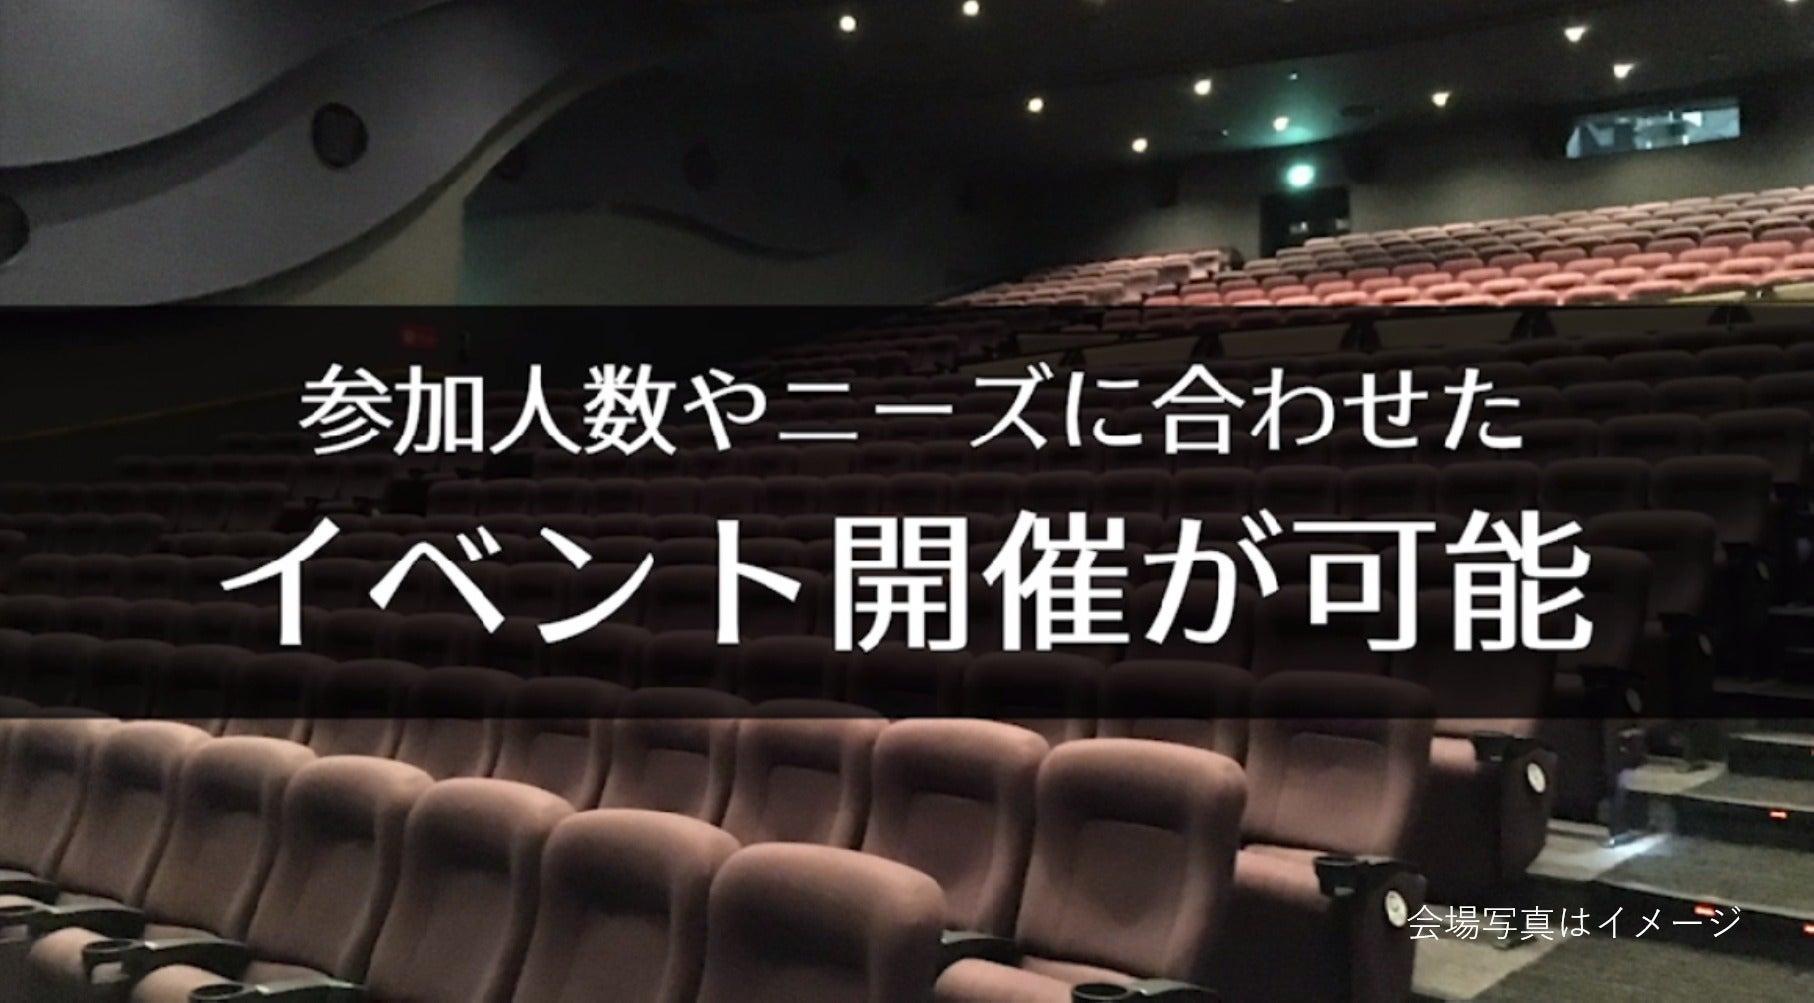 【幕張 164席】映画館で、会社説明会、株主総会、講演会の企画はいかがですか?(シネプレックス幕張) の写真0